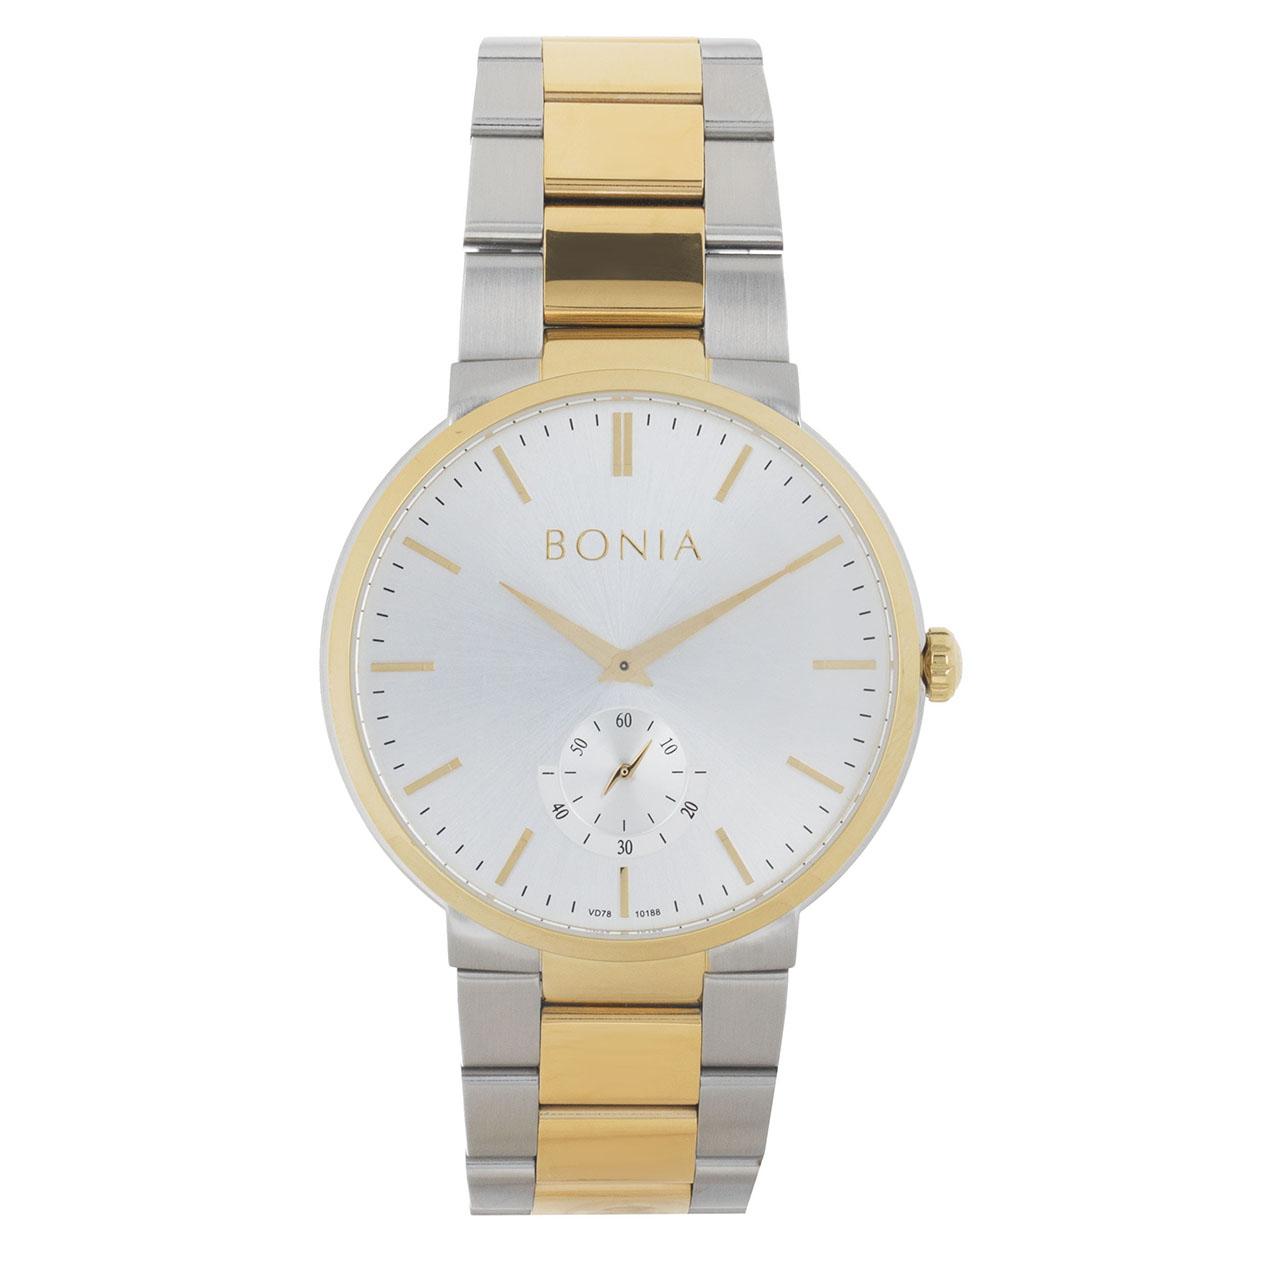 خرید ساعت مچی عقربه ای مردانه بونیا مدل BNB10188-1112S